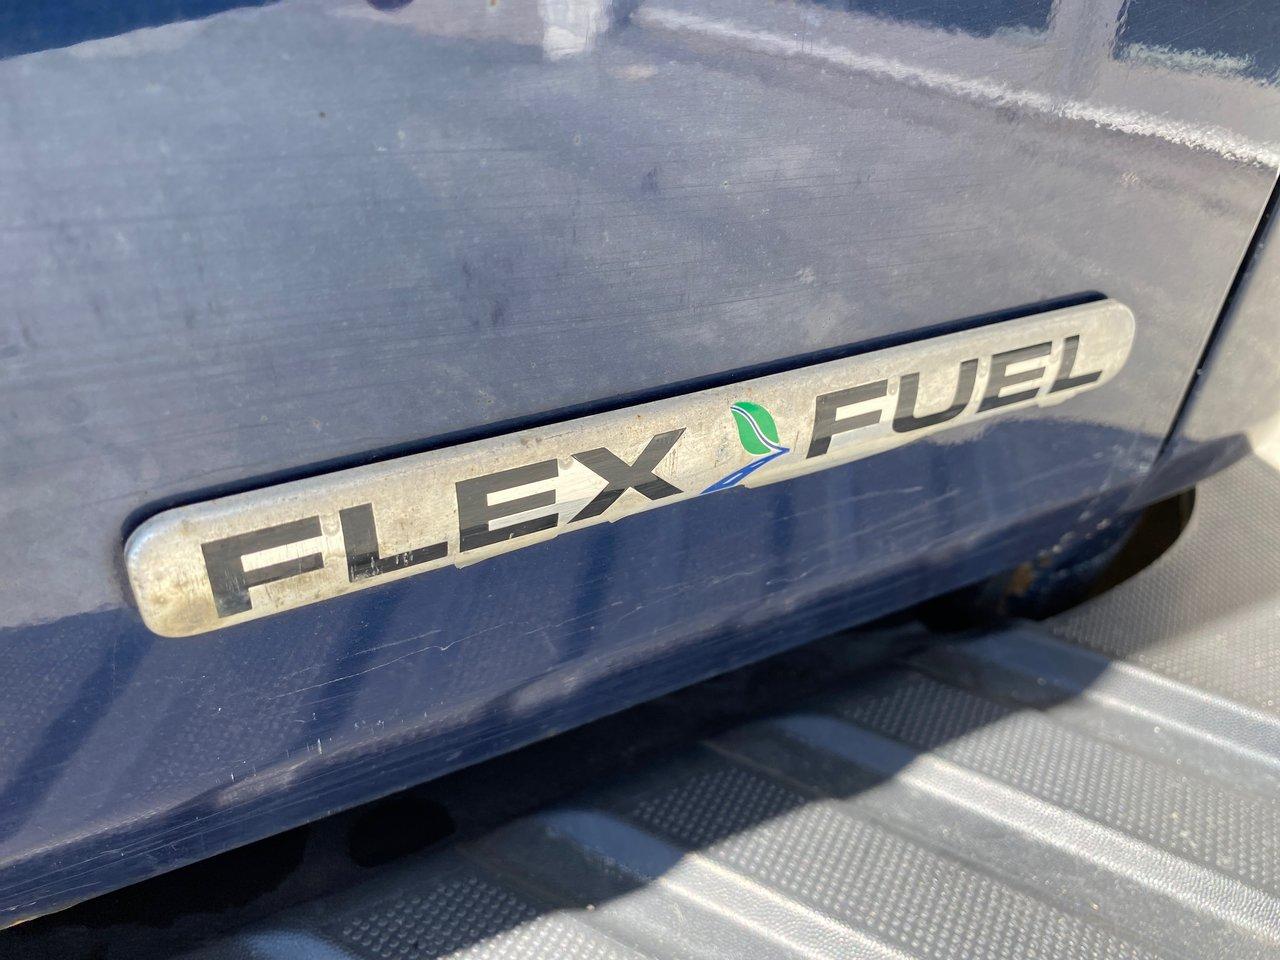 2012 Ford F-150 series XL